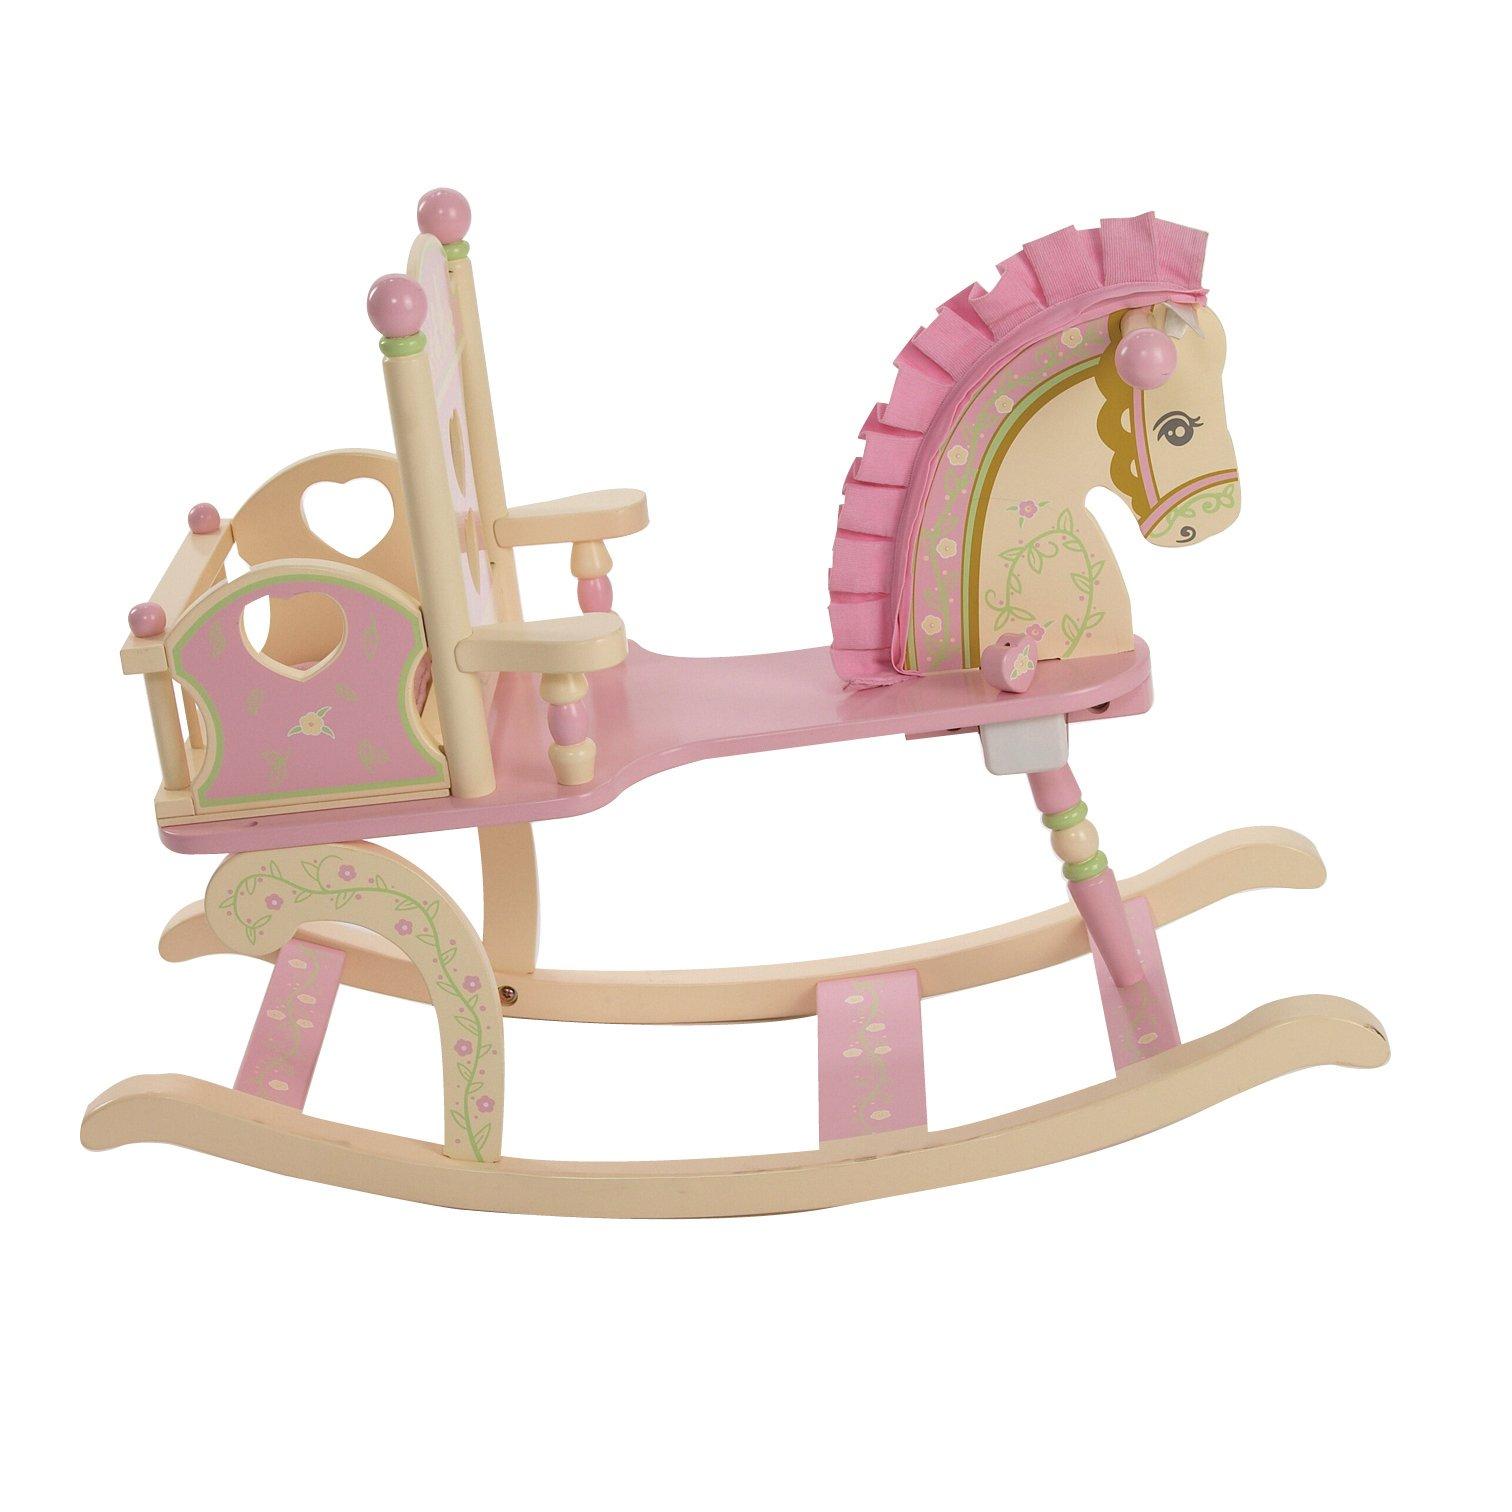 Wildkin Rock-A-My-Baby Rocking Horse